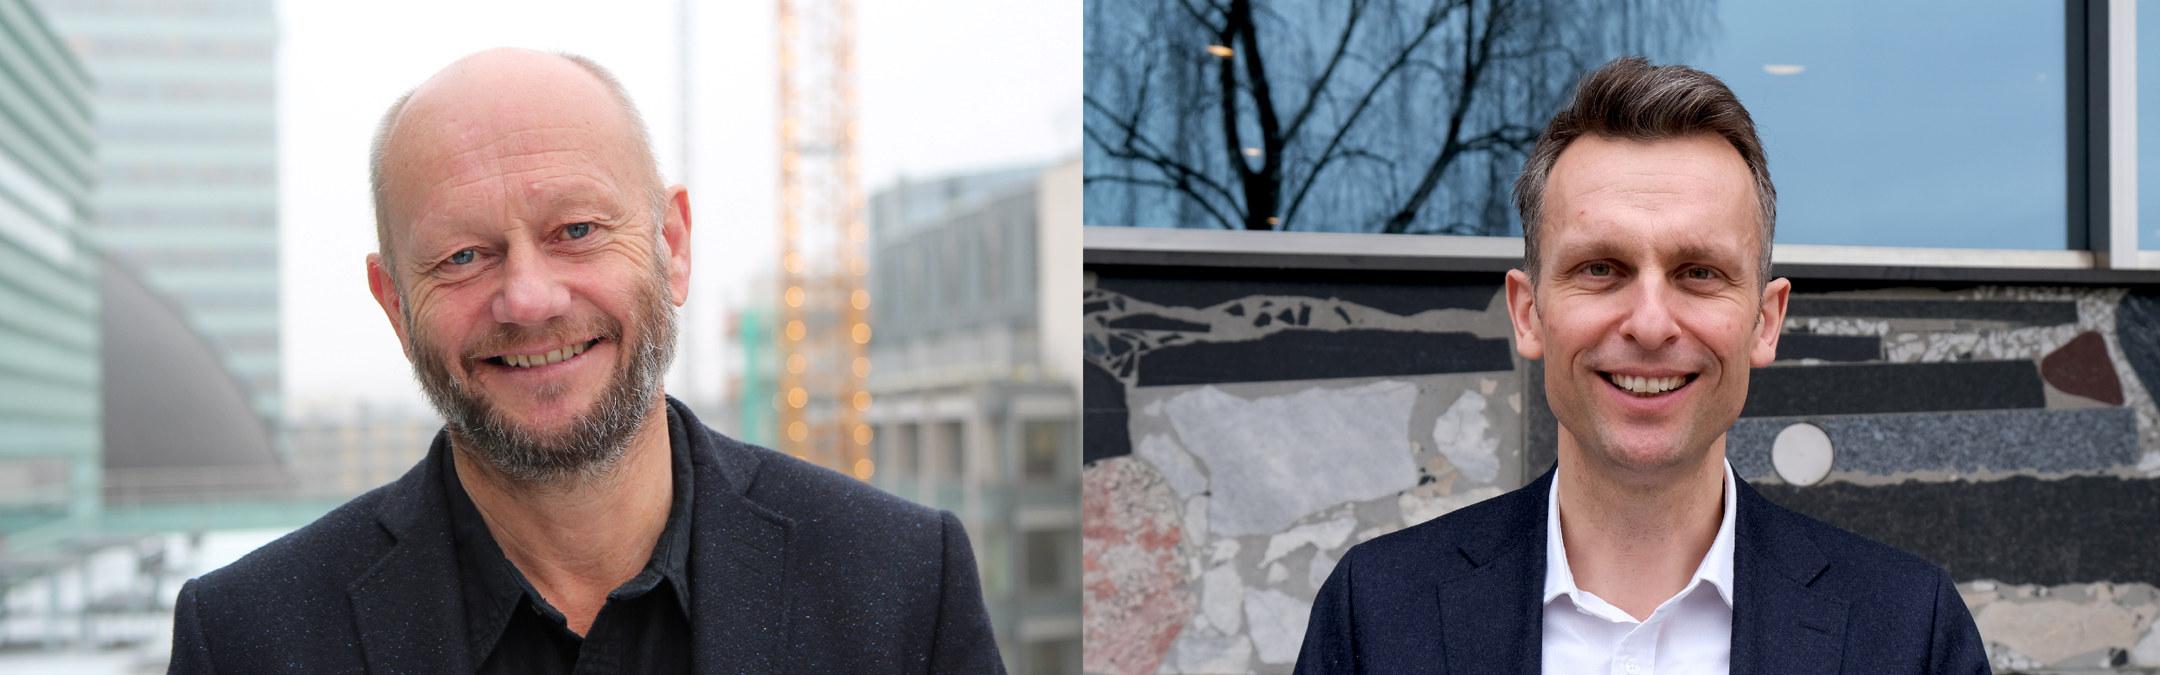 Knut Kroepelien i Energi Norge og Stein Lier-Hansen i Norsk Industri. Foto